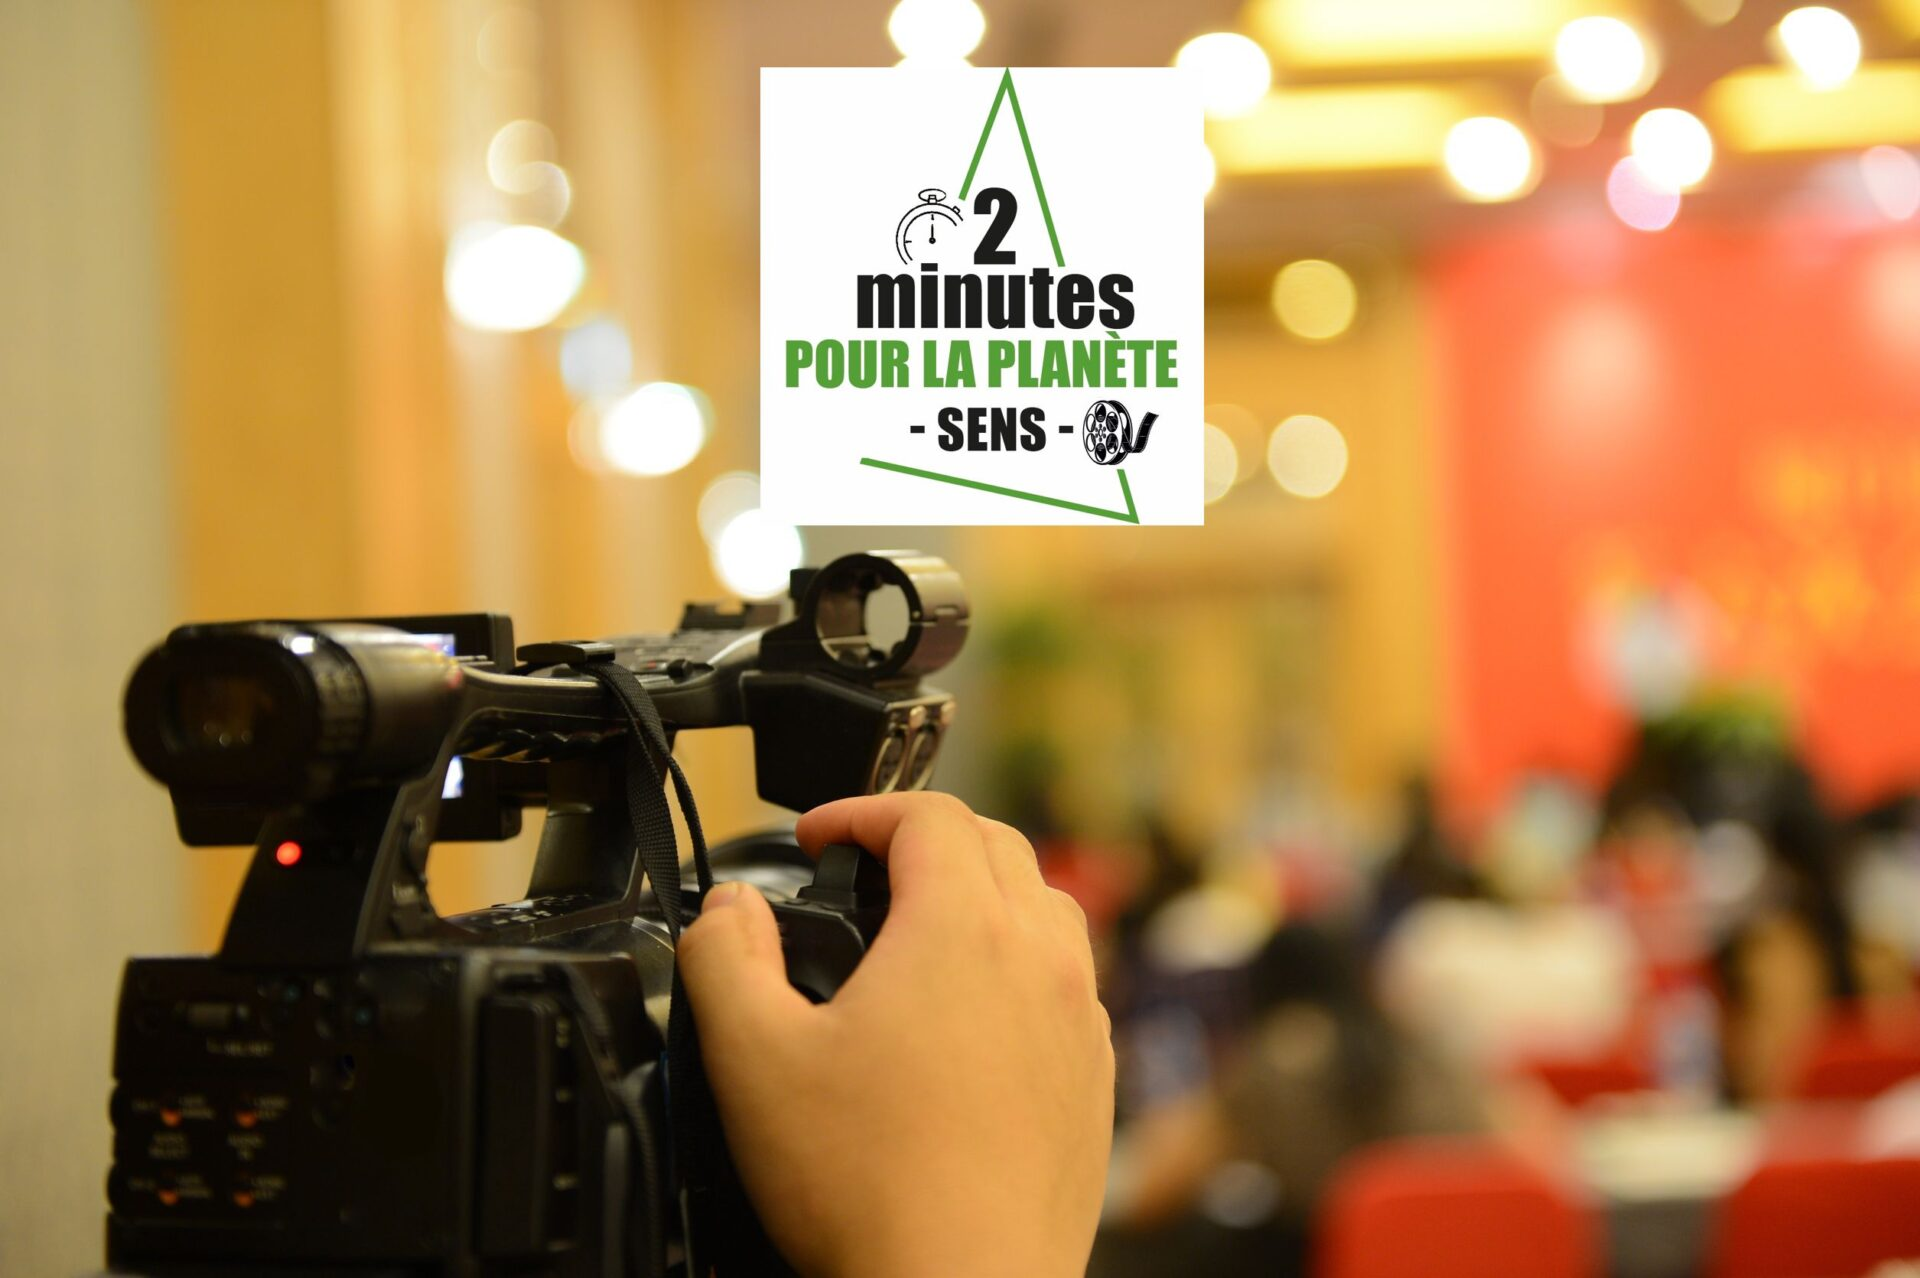 camera filmant un plateau : clôture festival 2 minutes pour la planète